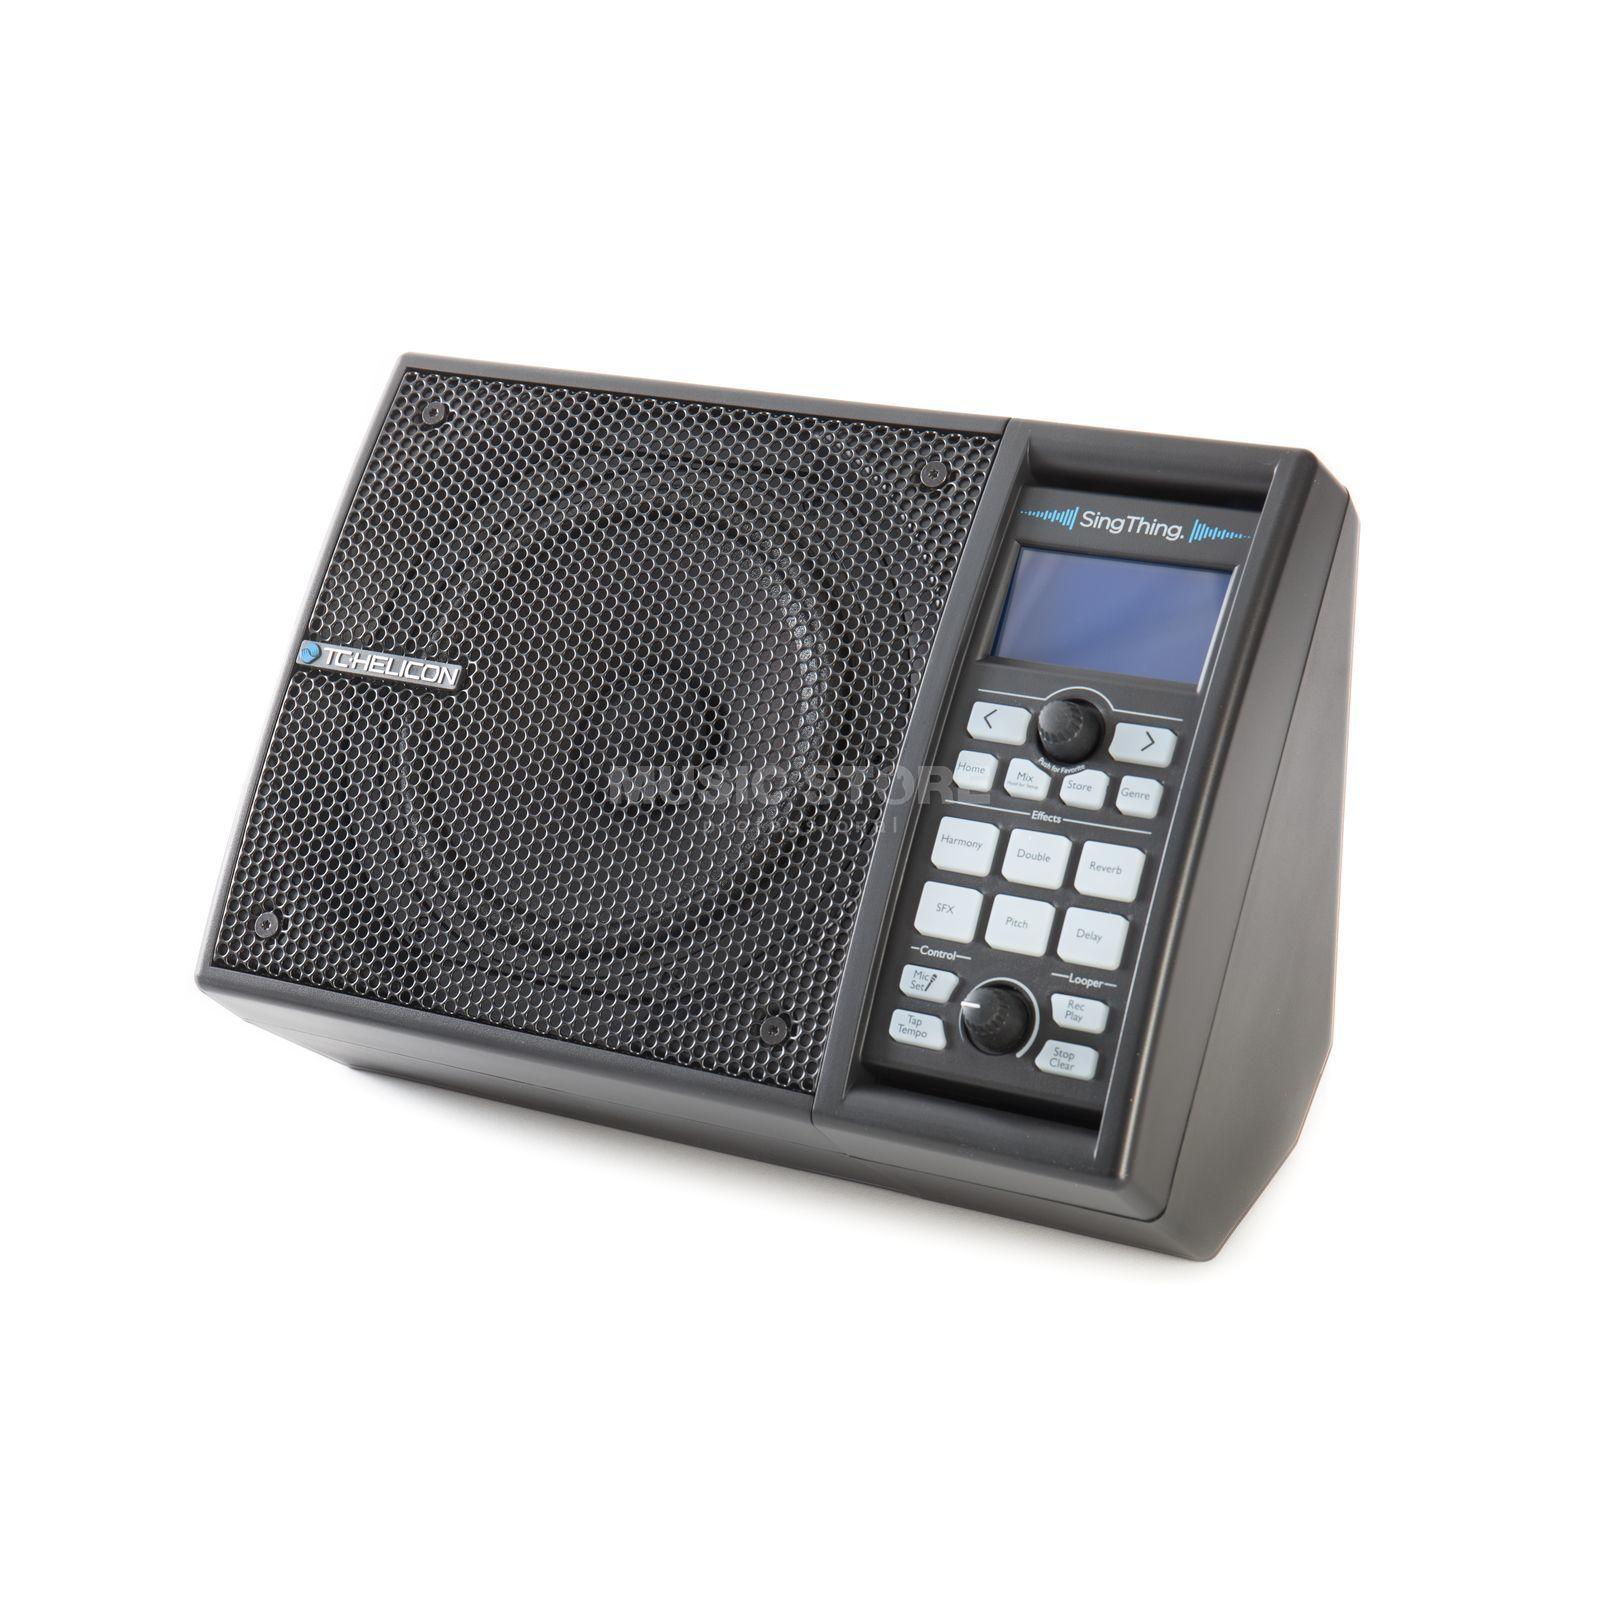 TC-Helicon SINGTHING, Vocal Prozessor mit integriertem 150 Watt Lautsprecher und integrierten Effekten und Mikrofon [Musikinstrumente]